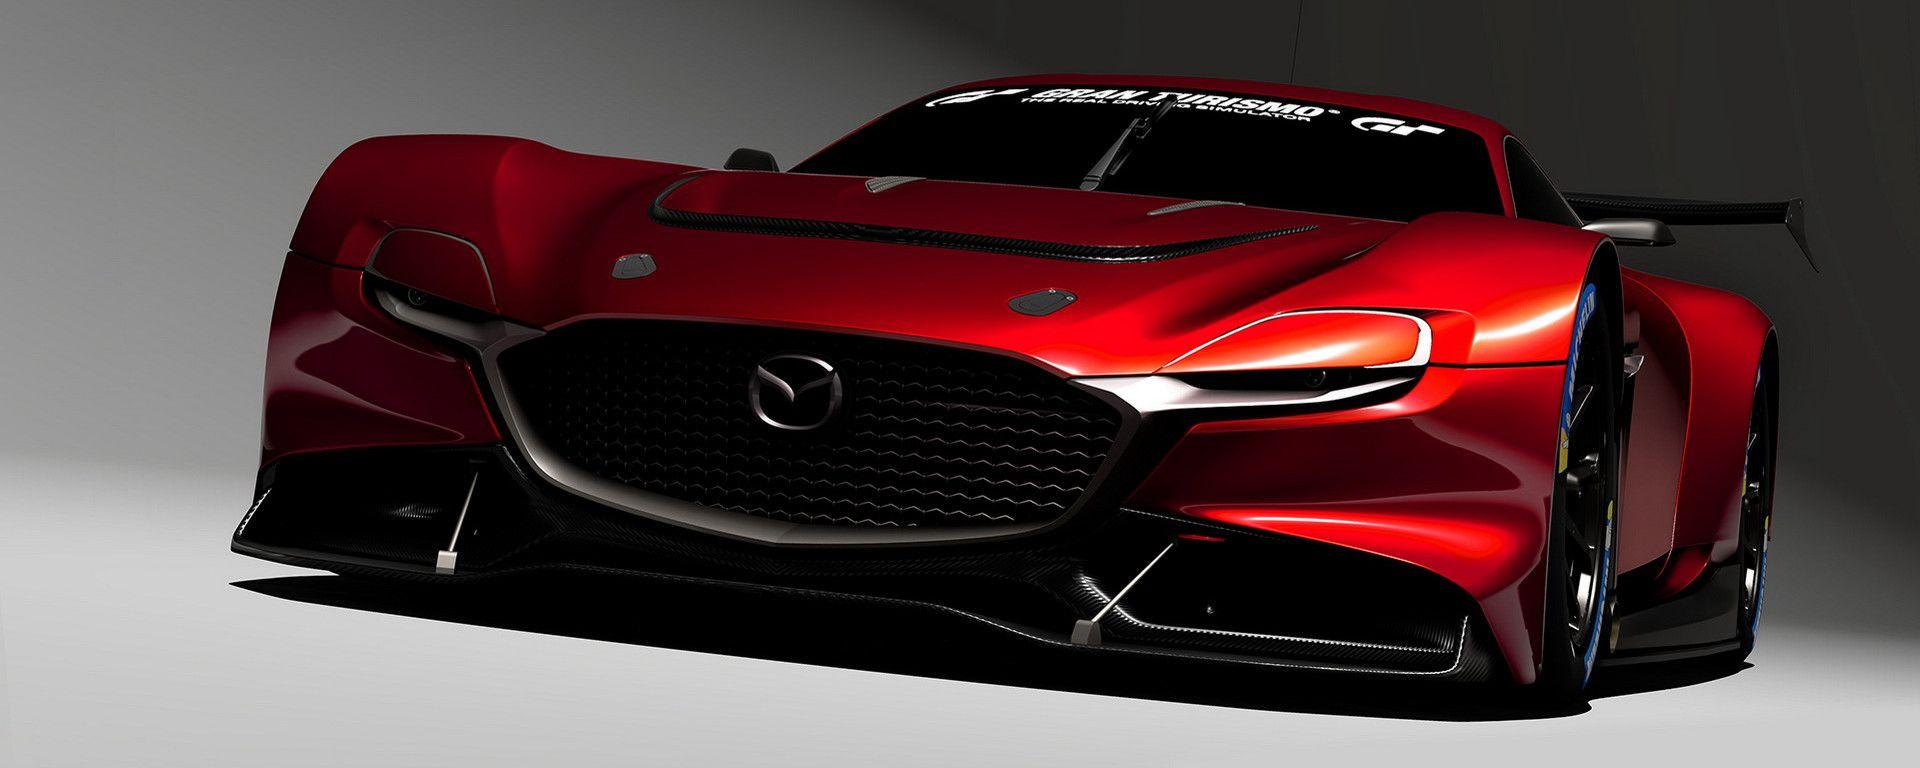 Il muso aggressivo della Mazda RX-Vision GT3 Concept